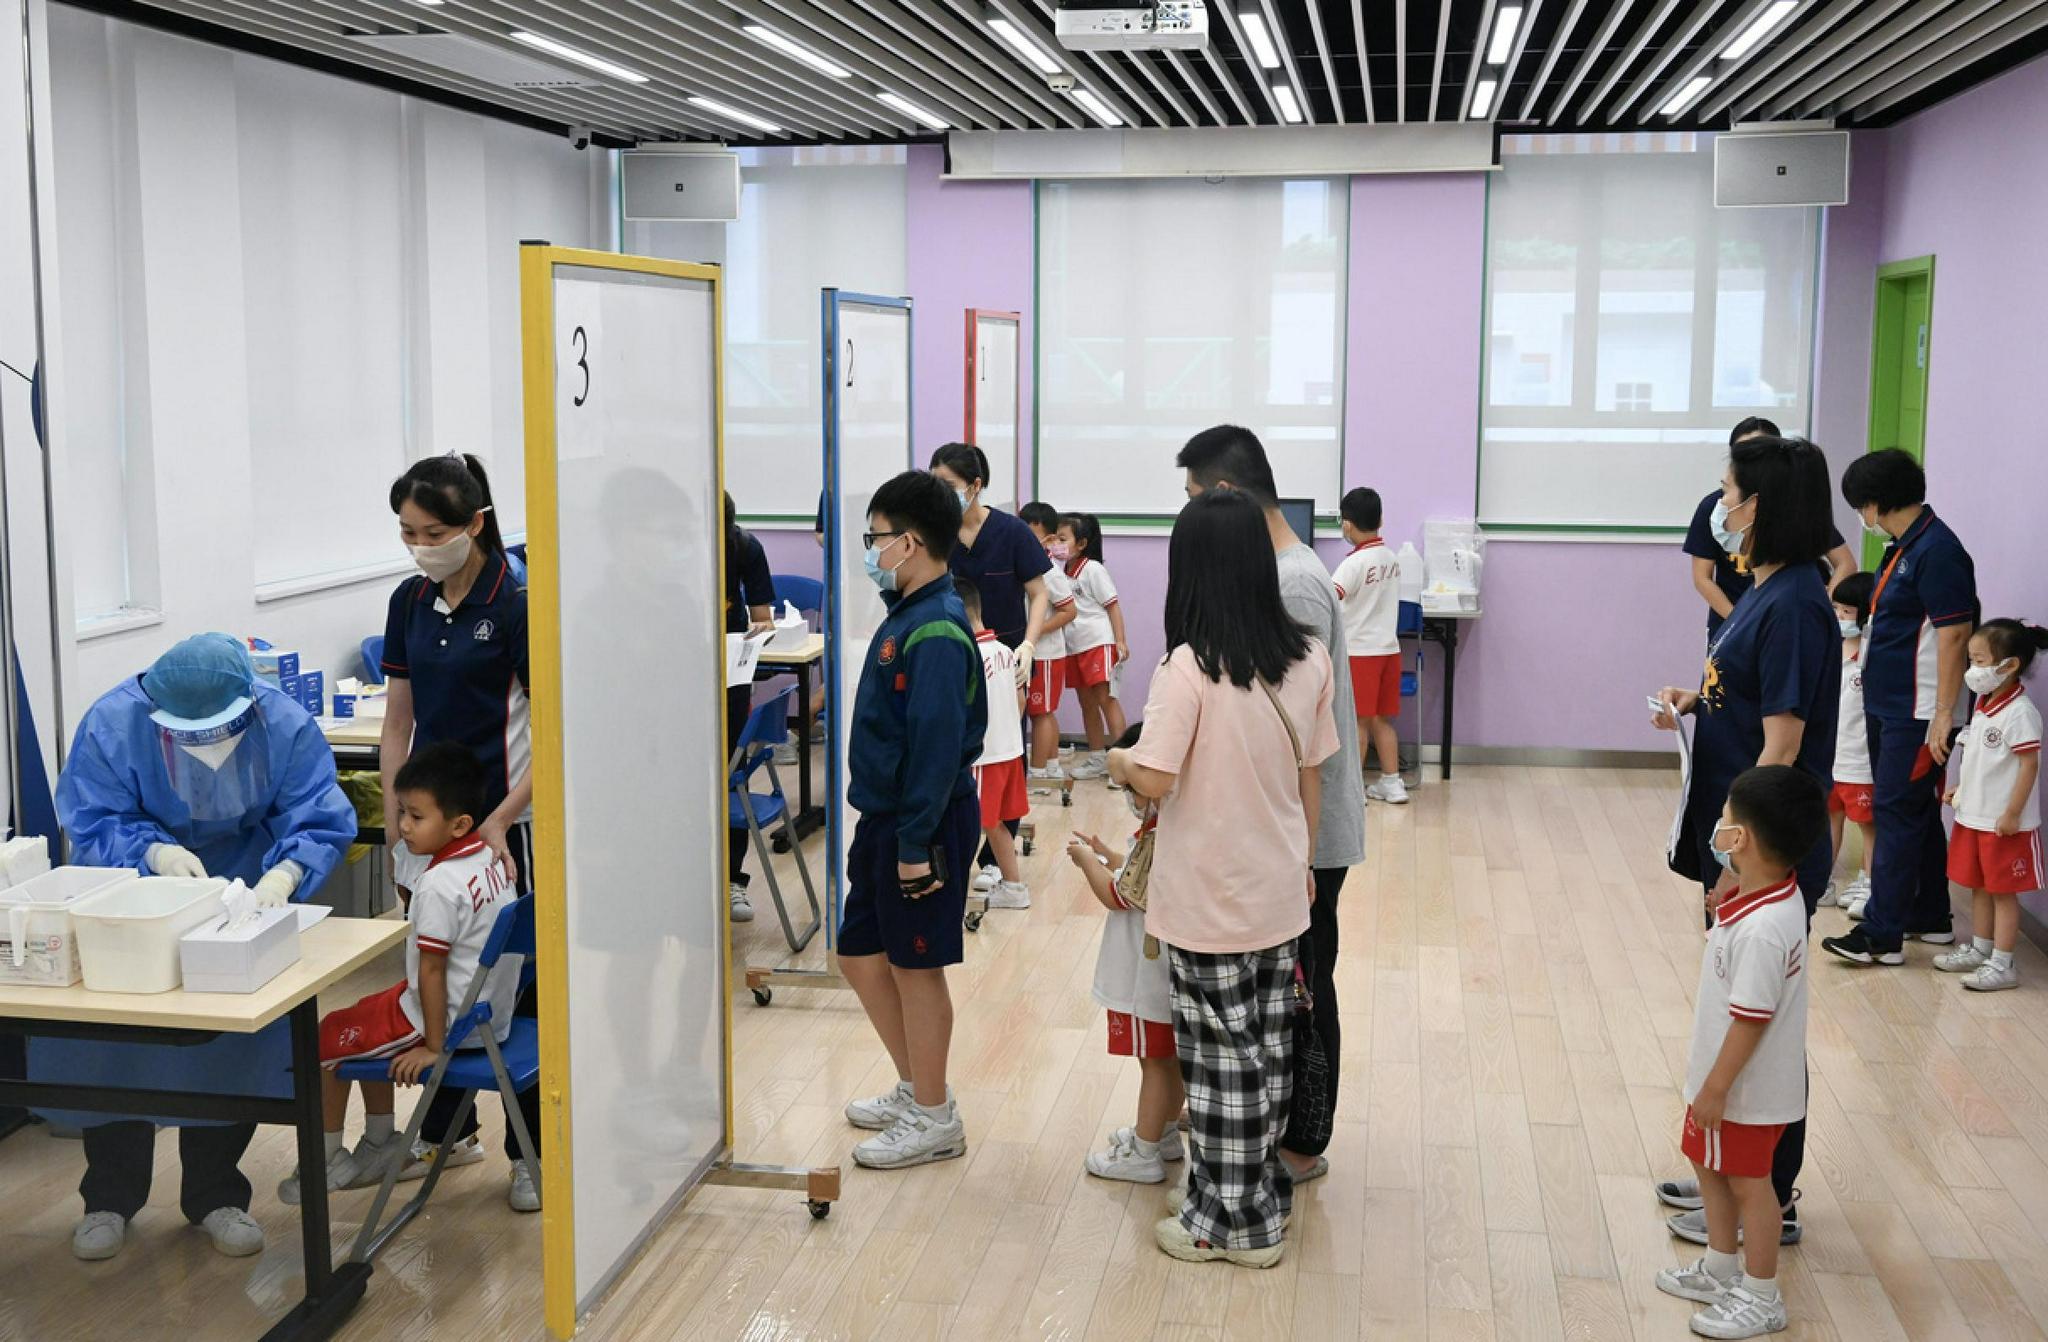 澳门非高等及高等教育学校拟于9月陆续开学